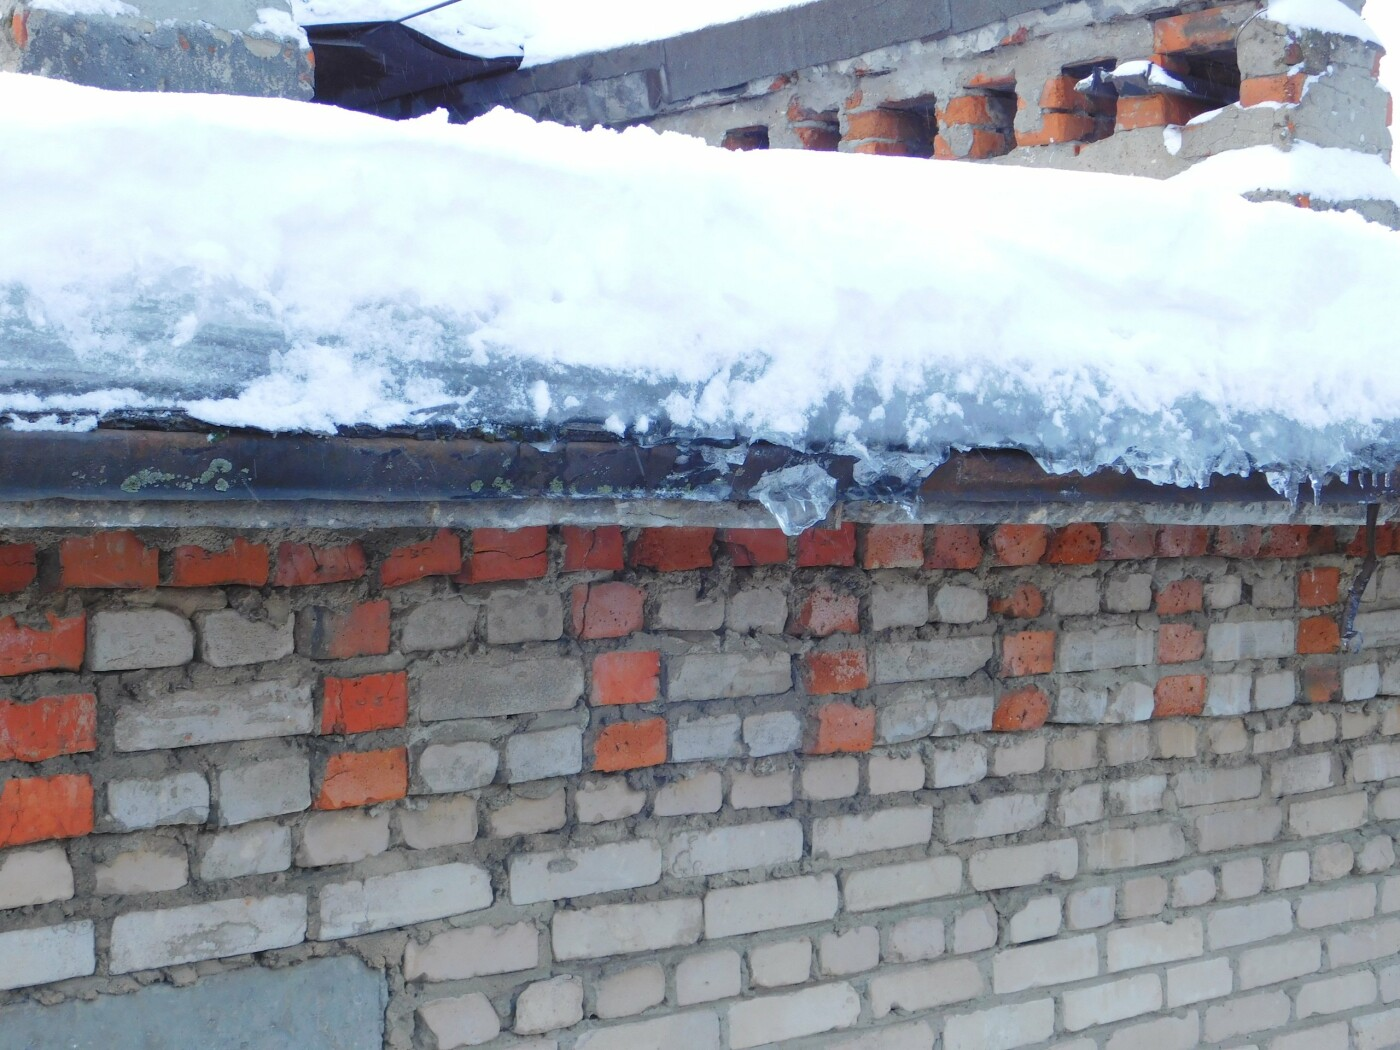 В Мичуринске оштрафовали управляющую компанию после упавшей с крыши наледи на ребенка, фото-2